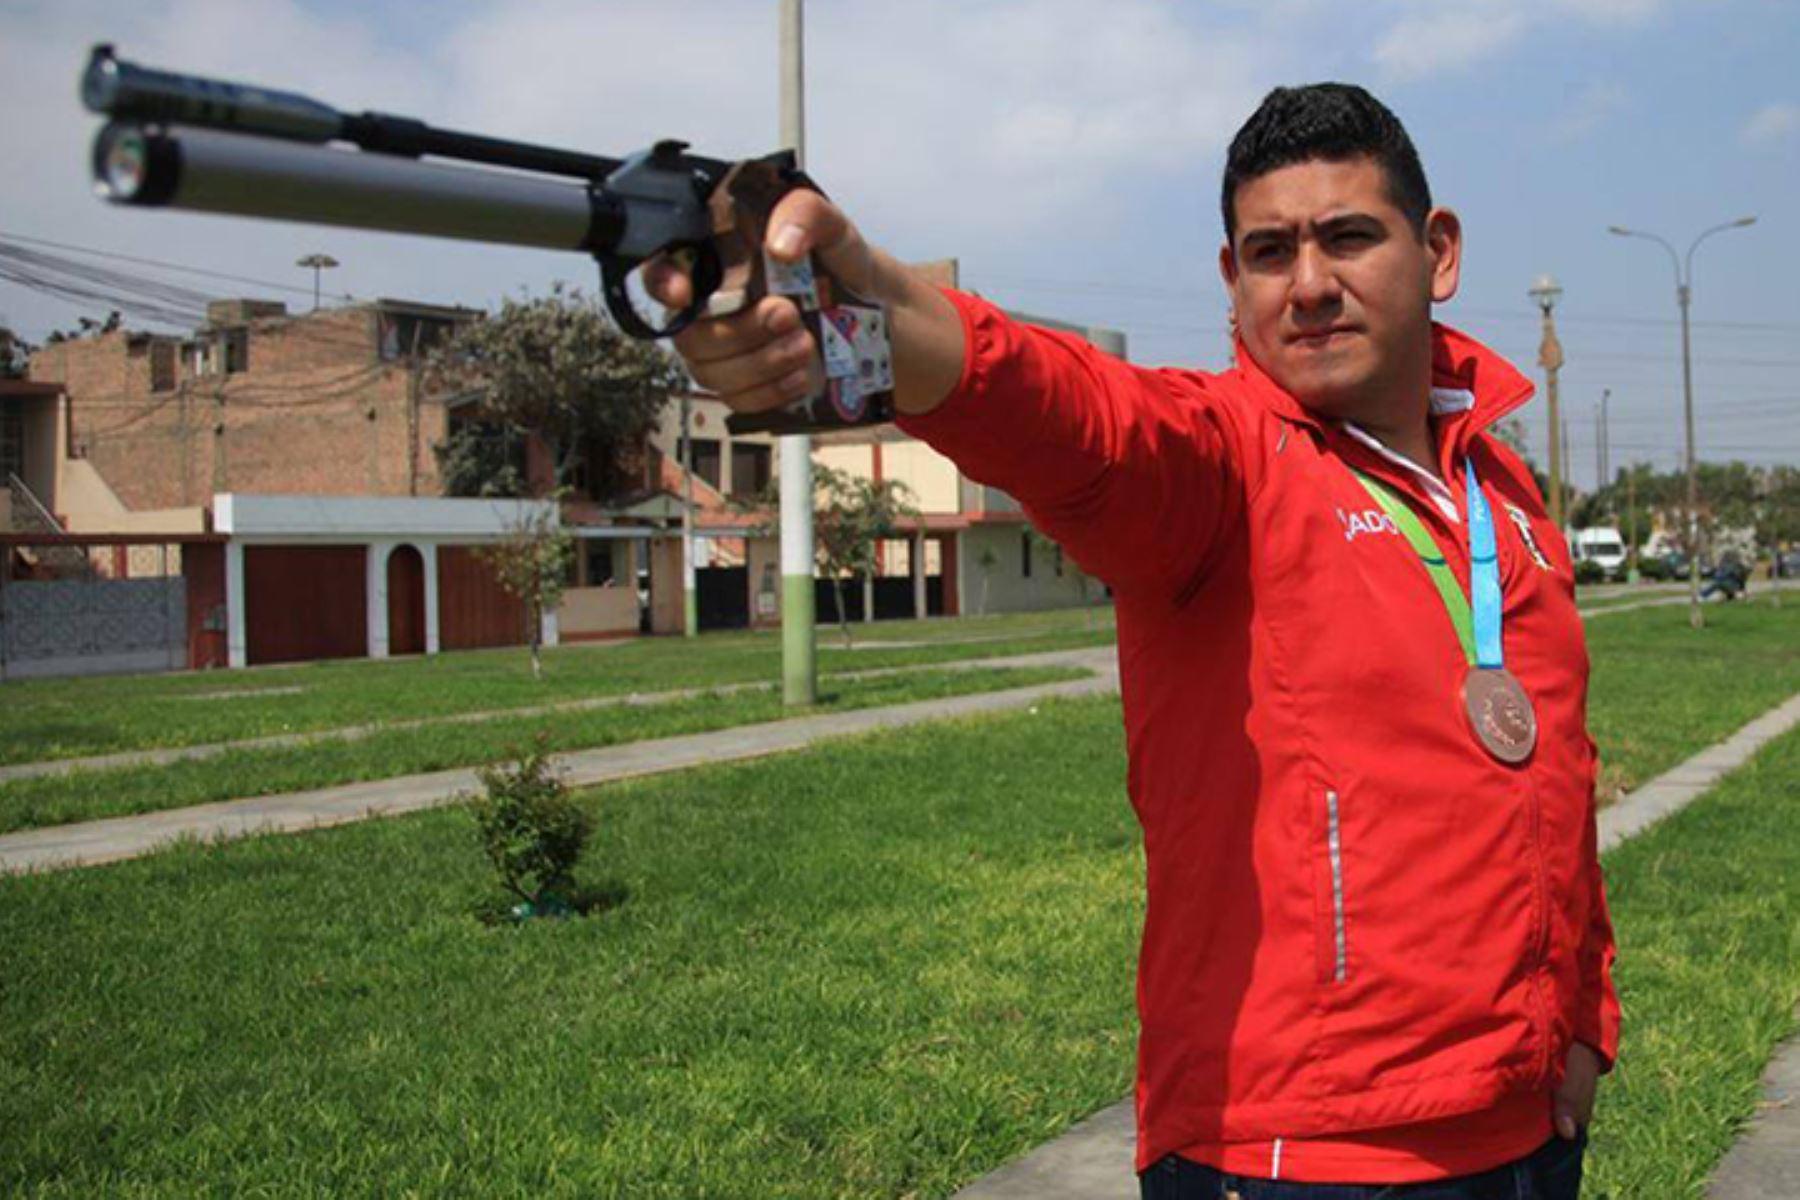 El deportista peruano Marko Carrillo cuenta con un cupo a los juegos olímpicos en la disciplina de tiro con pistola 25 metros. Foto: ANDINA/ Difusión